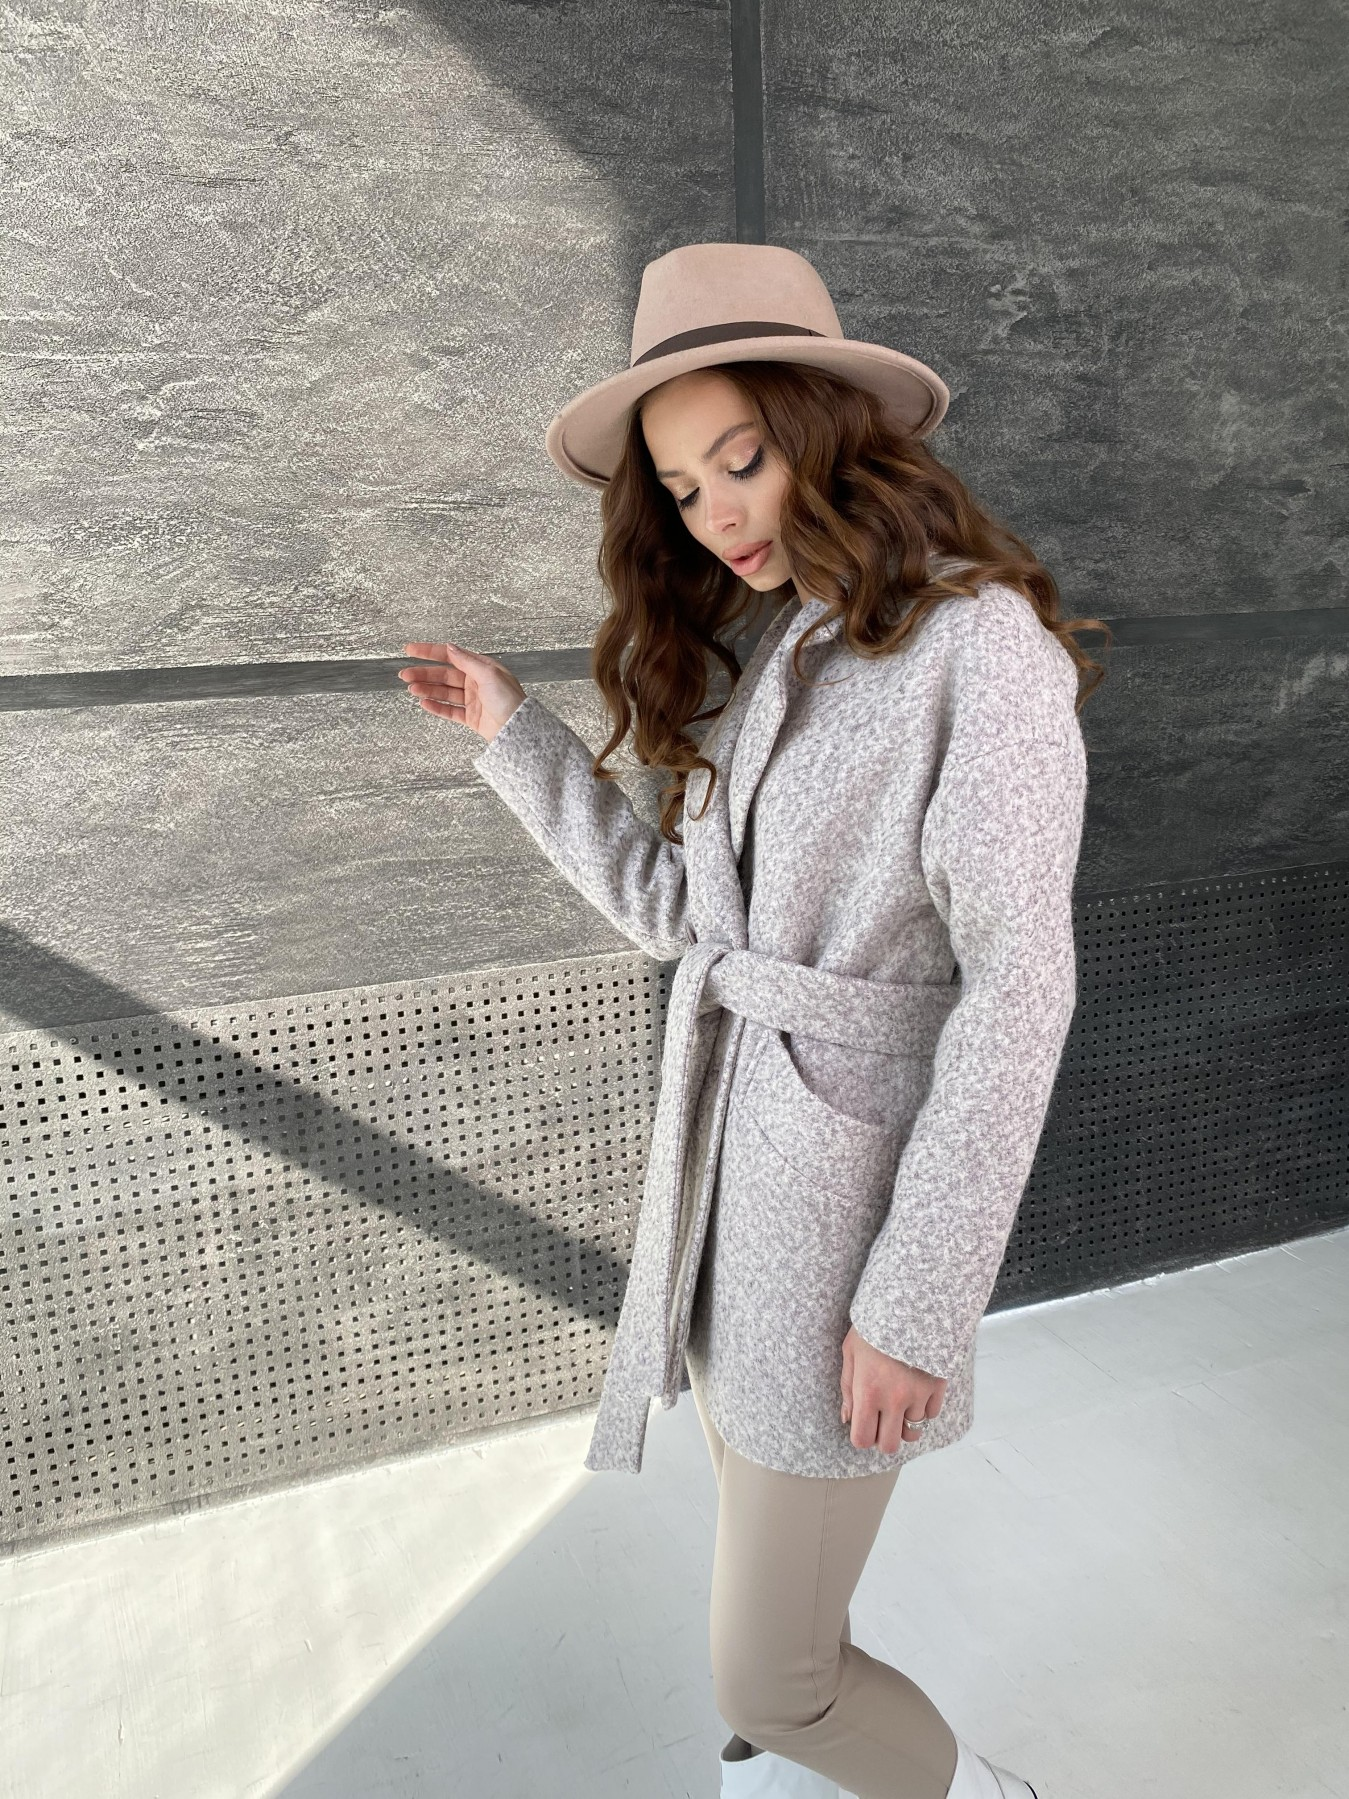 Бонд пальто из шерсти букле  10770 АРТ. 47196 Цвет: Серо-бежевый - фото 3, интернет магазин tm-modus.ru